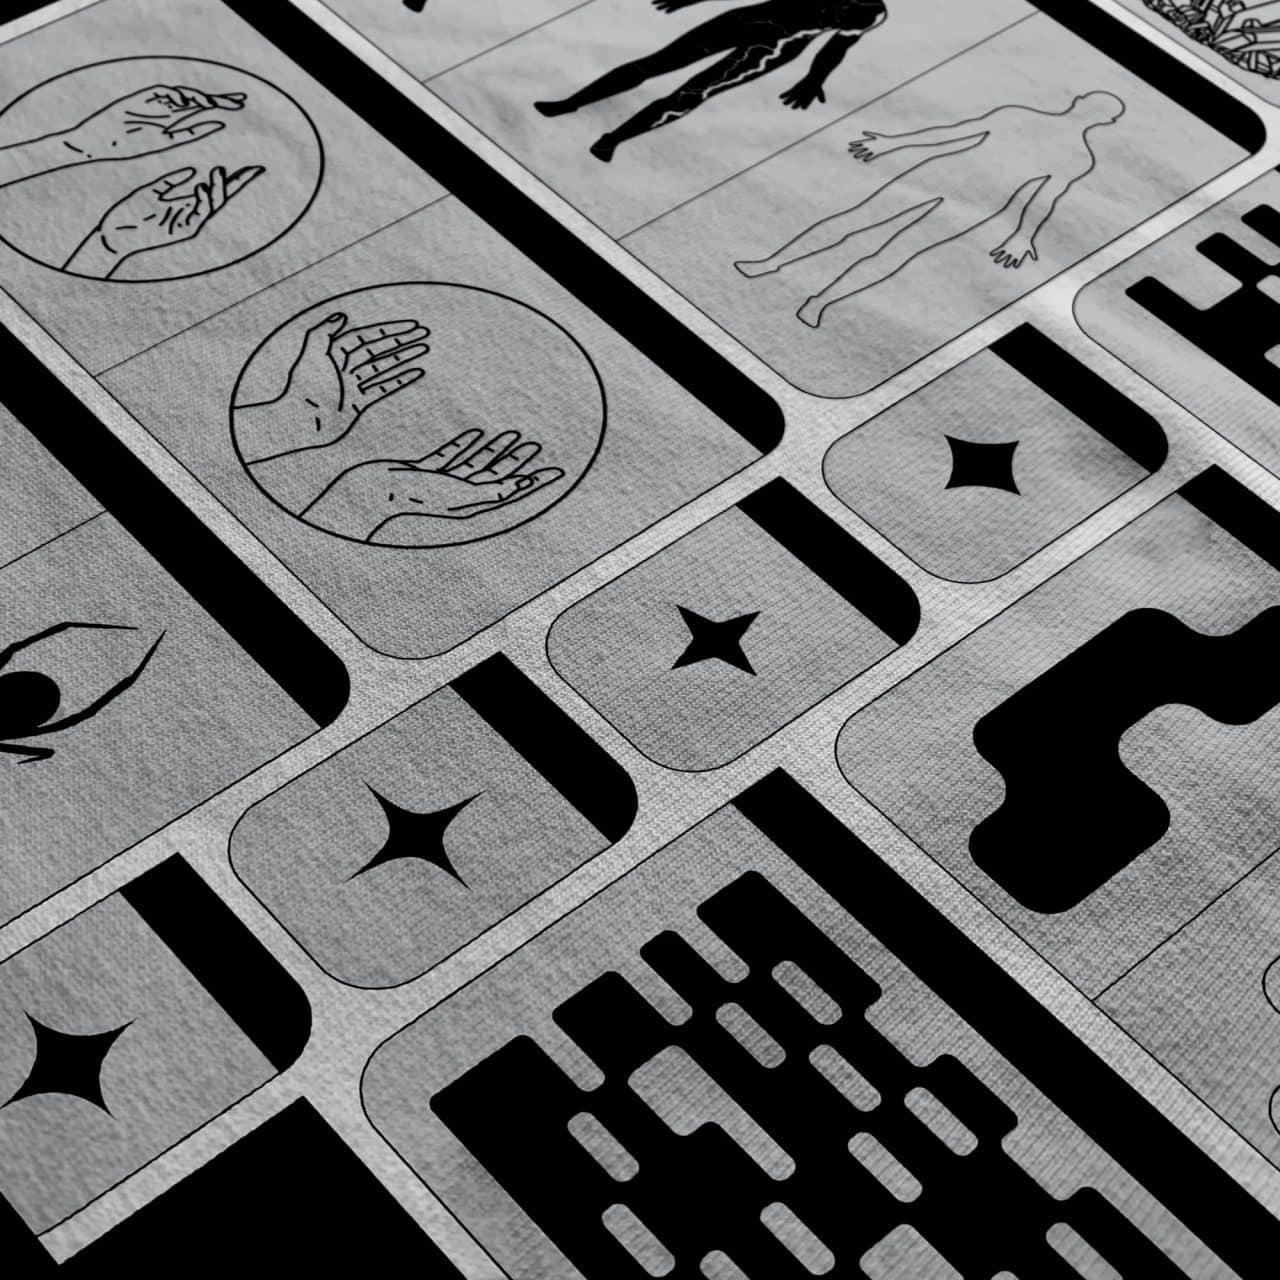 [单独购买] 124款潮流贴纸图标徽标Logo设计矢量素材套装 Studio Innate – Elements 000插图2